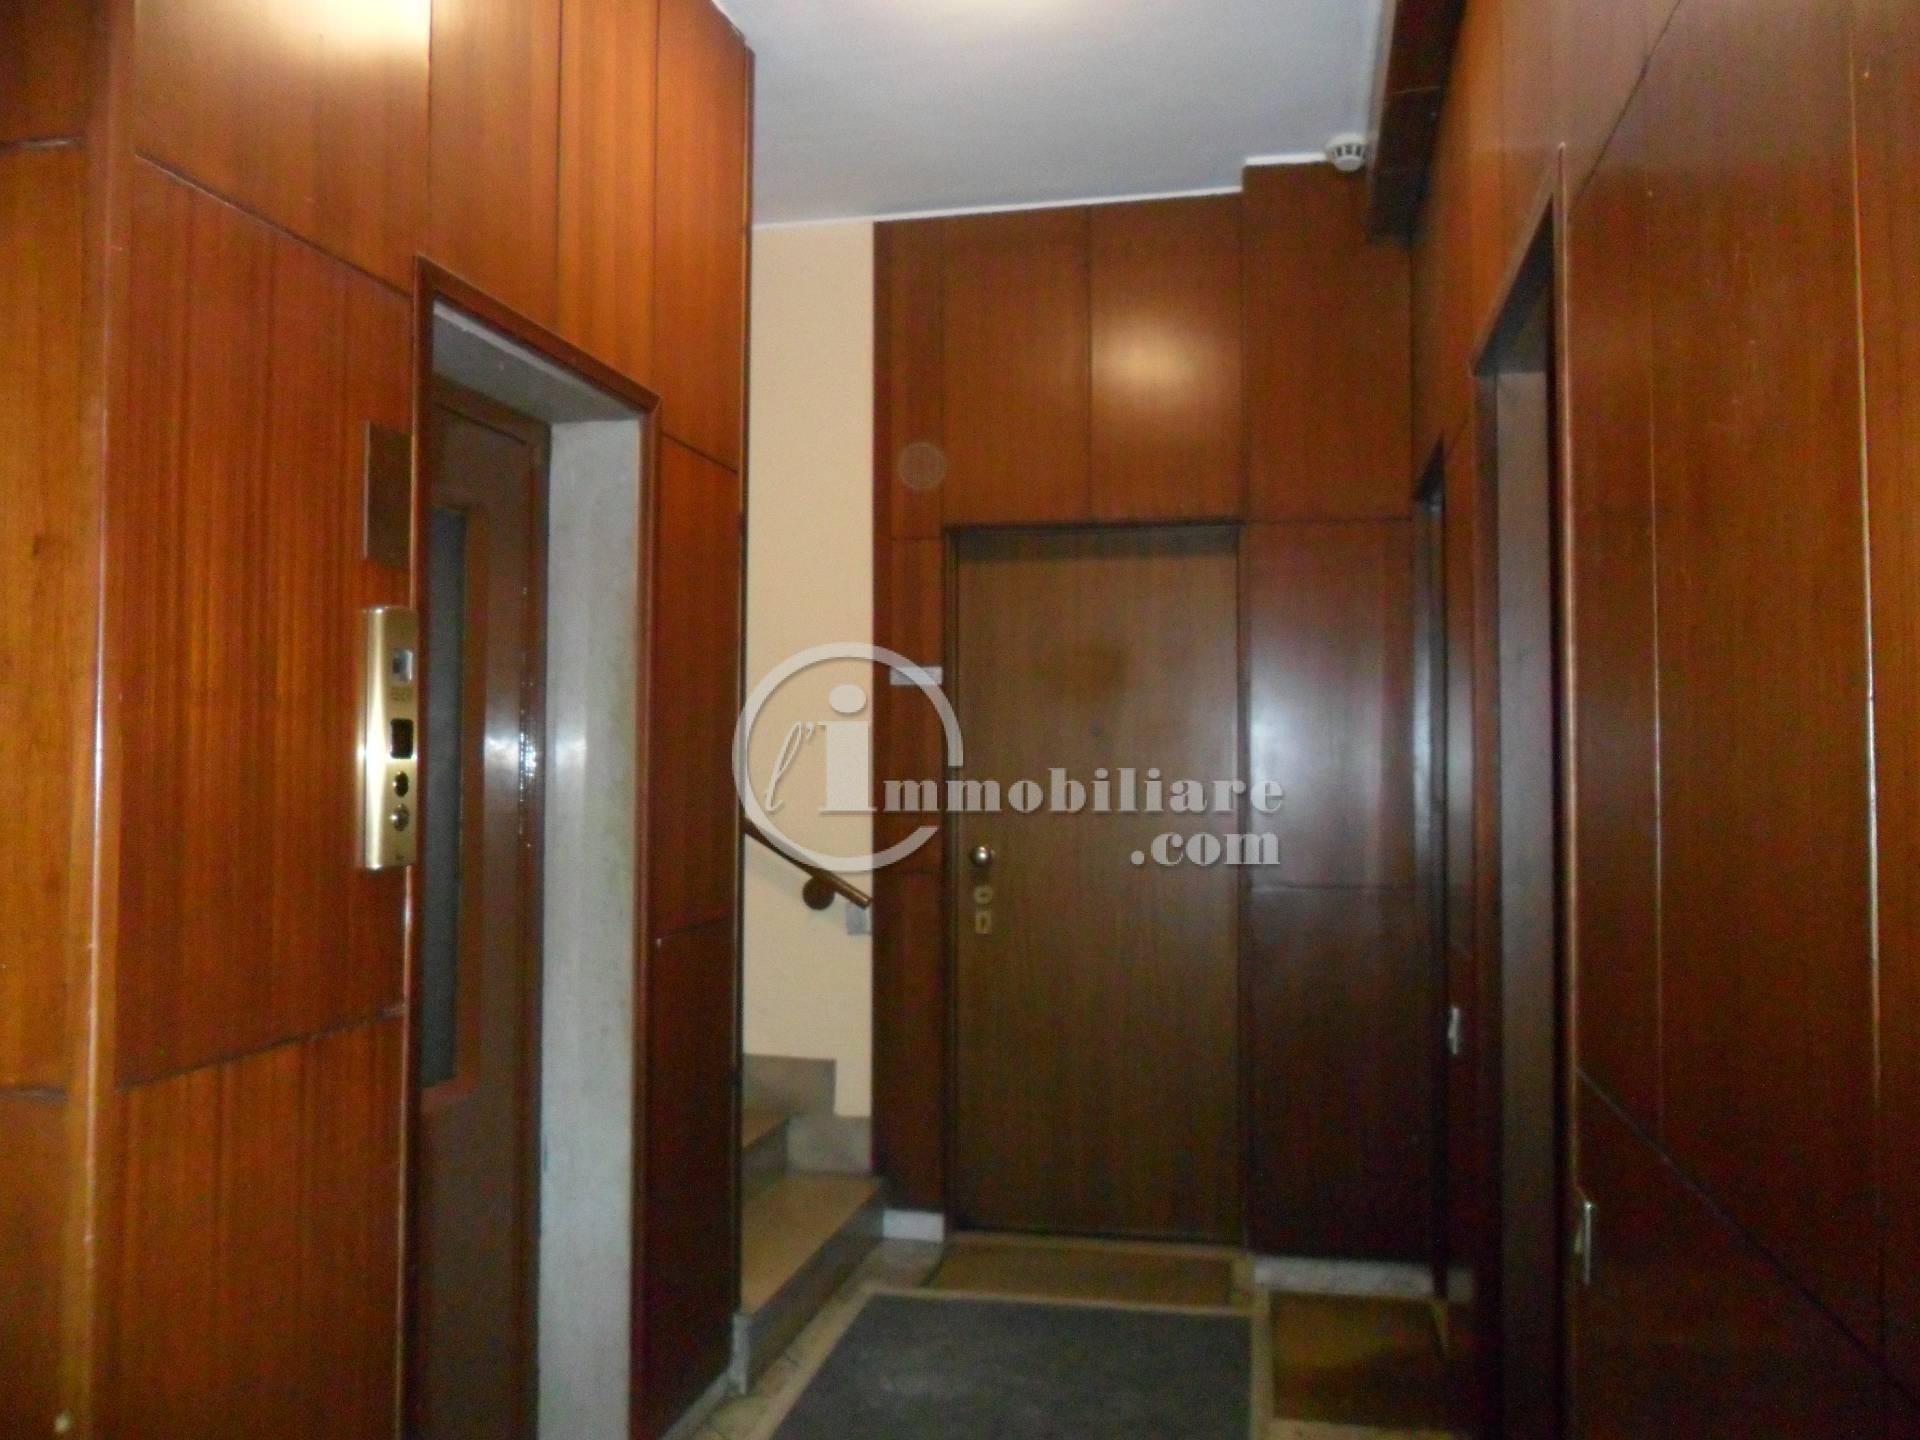 Bilocale Milano Via Lorenteggio 9